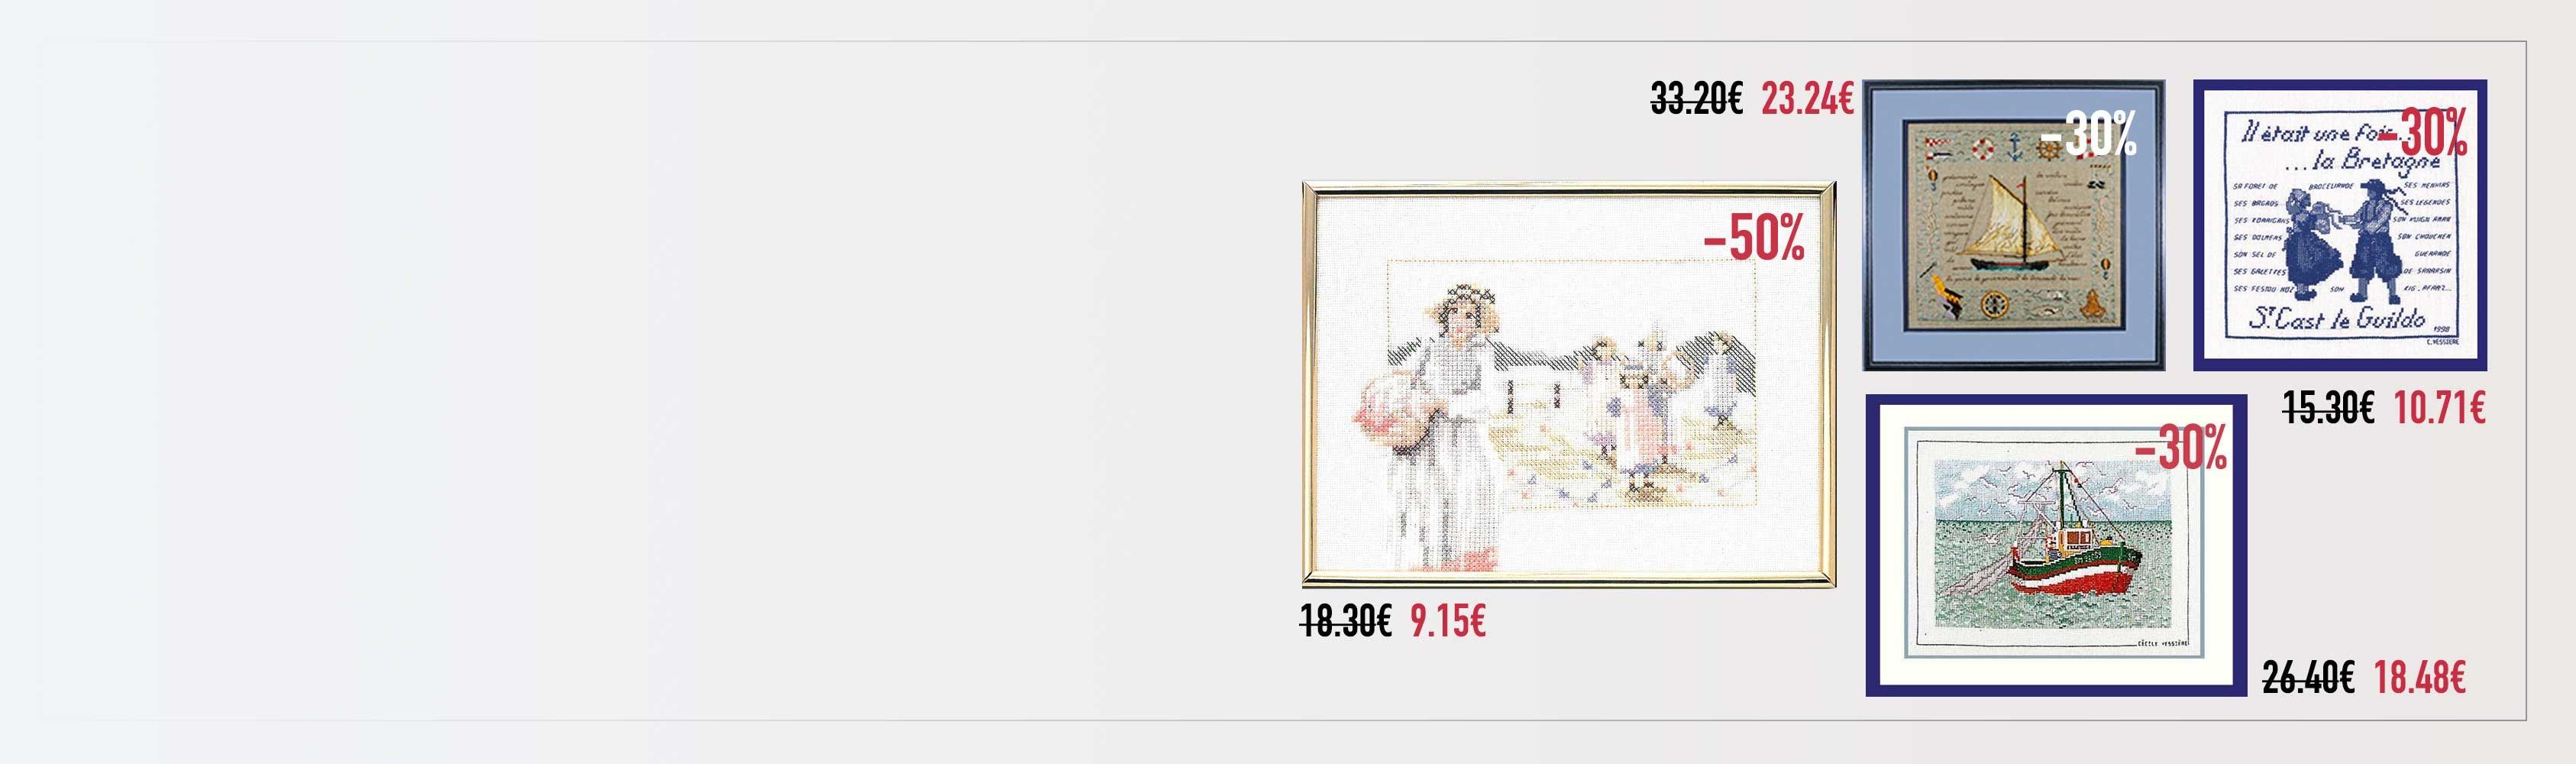 Kits n° 33896, 1130, 1894, 1118 Le Bonheur des Dames